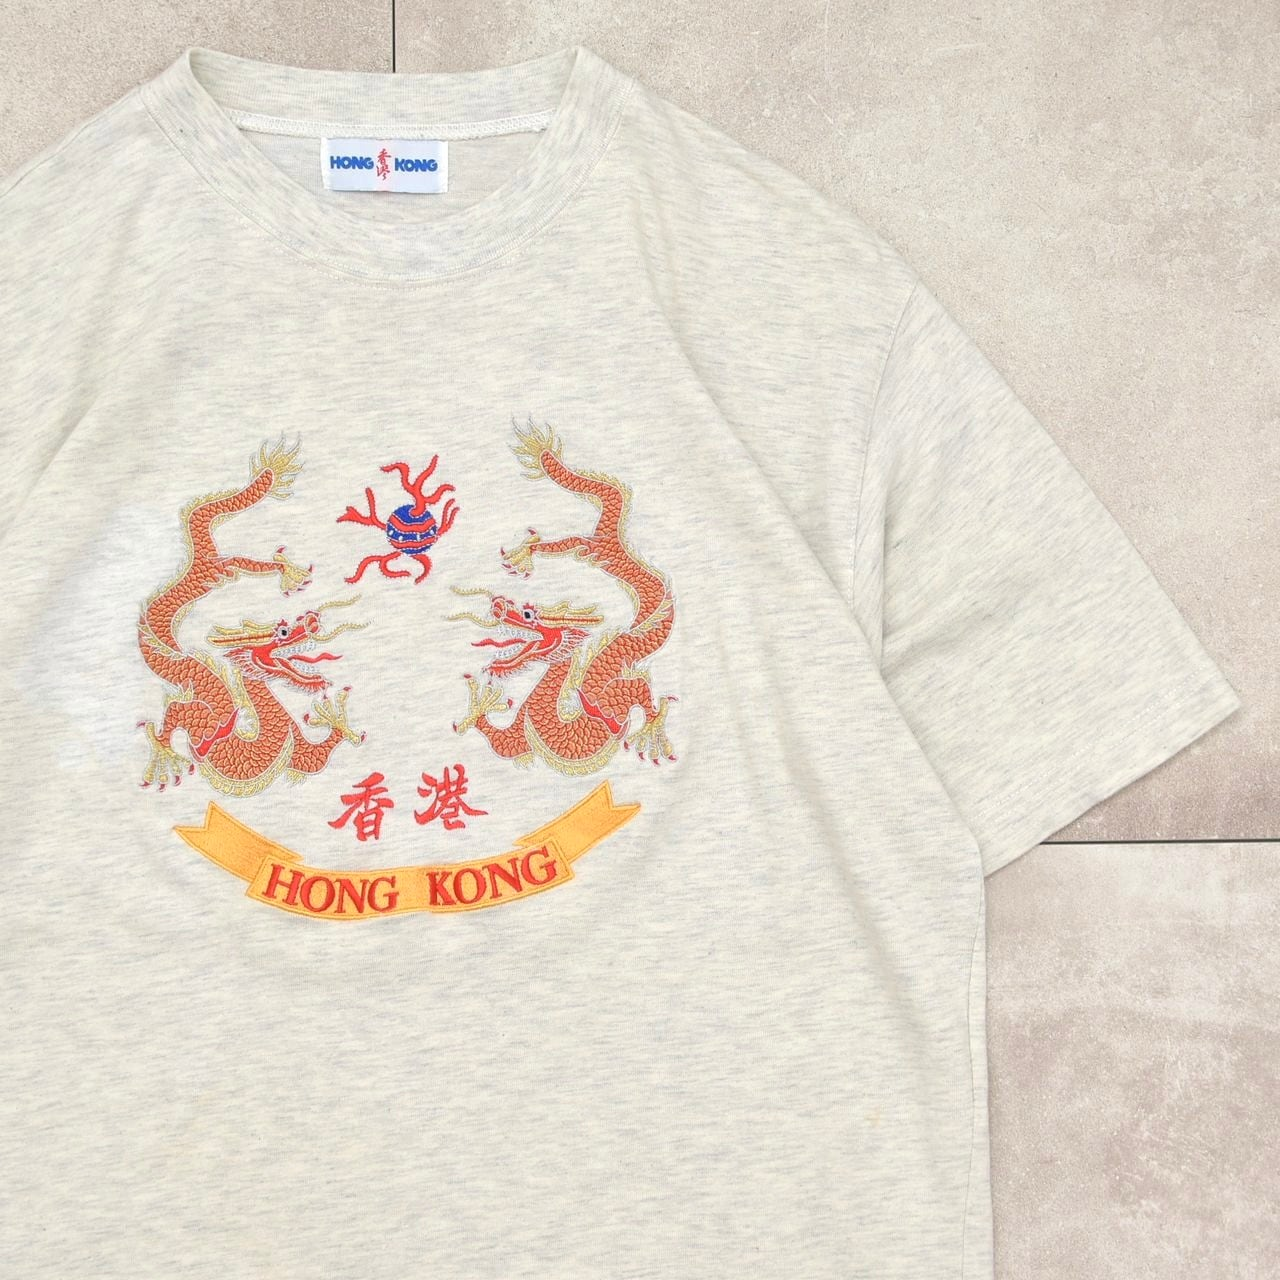 香港 HONG KONG & Dragon embroidery T-shirt